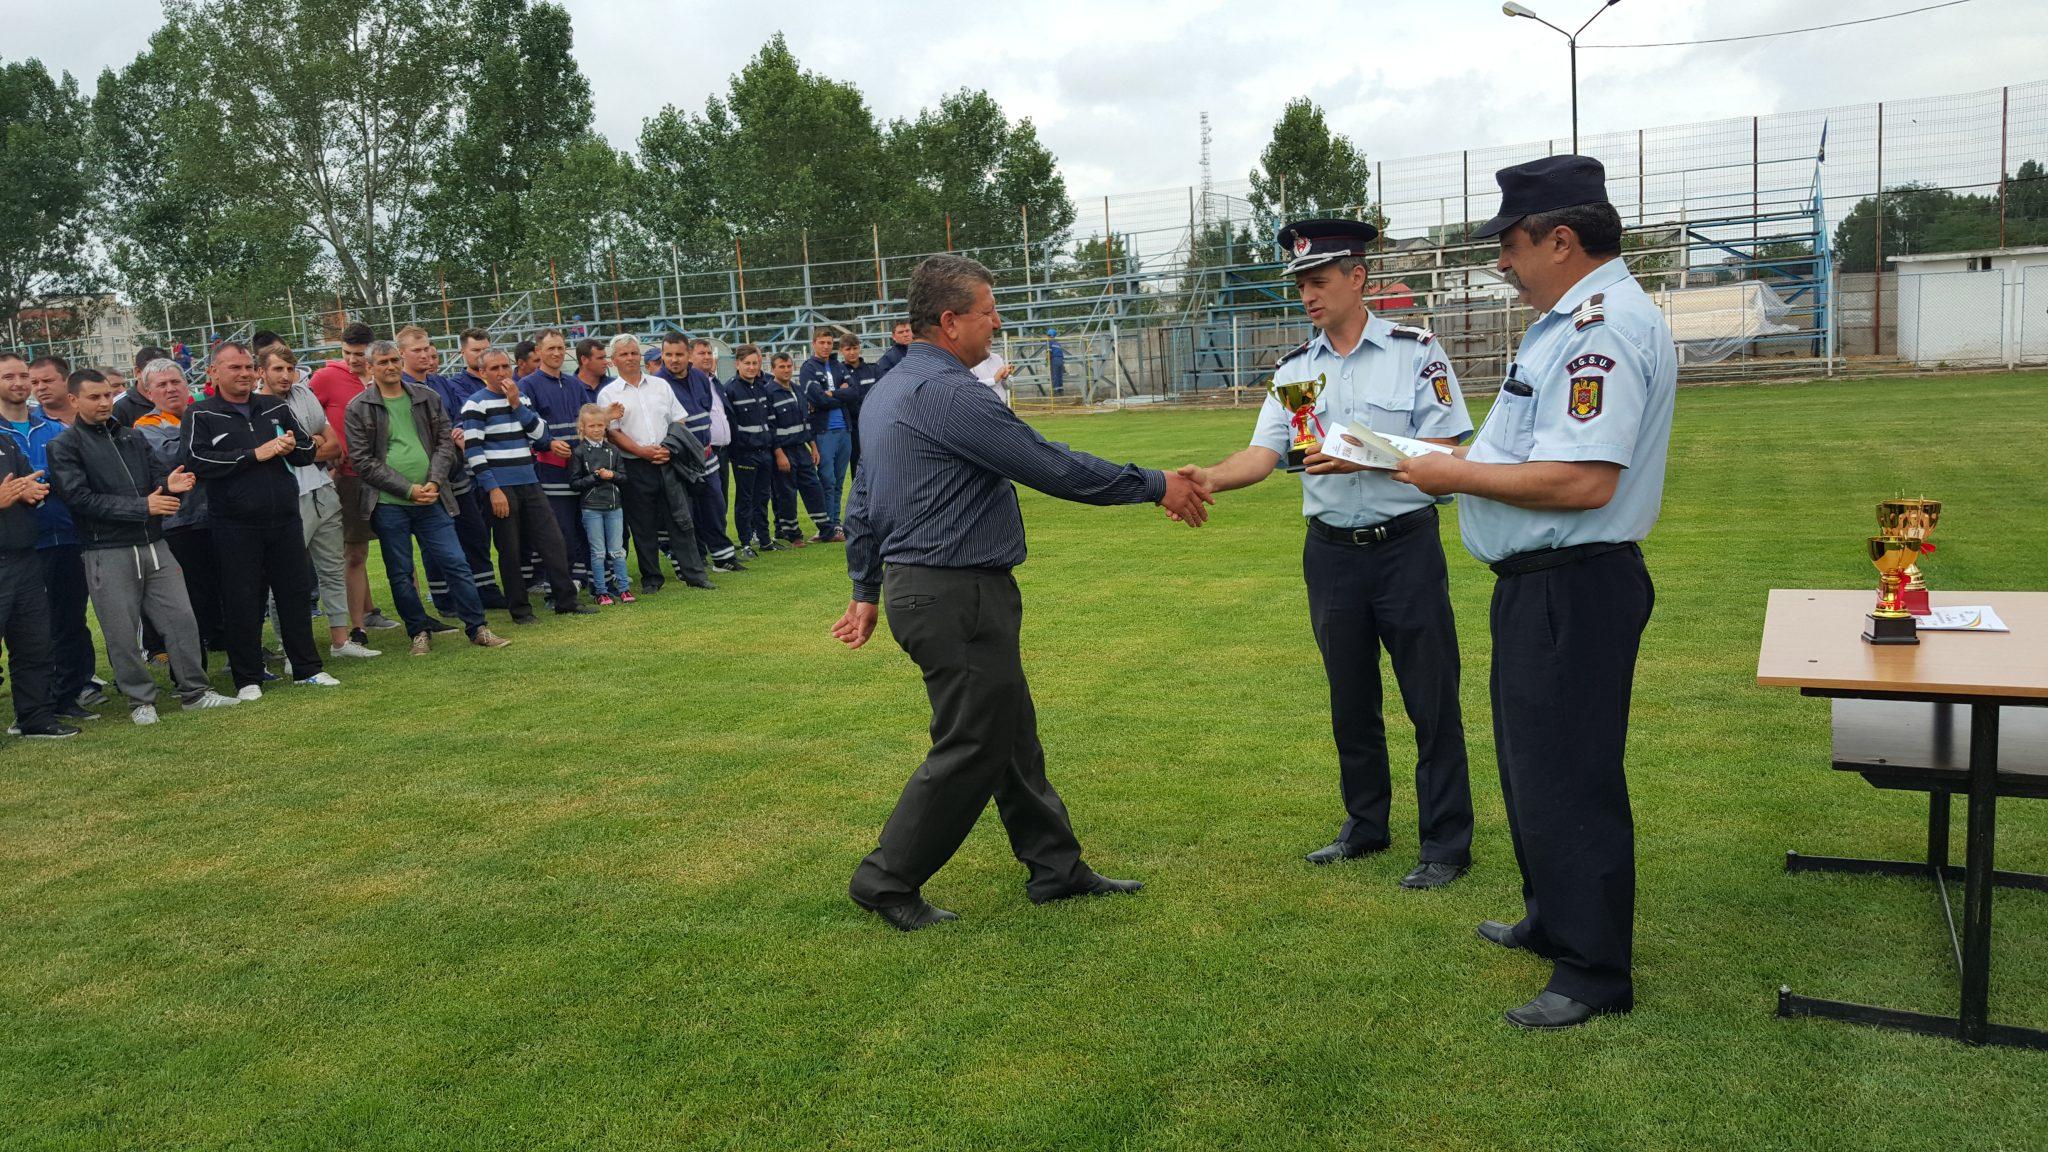 Concurs între pompierii civili